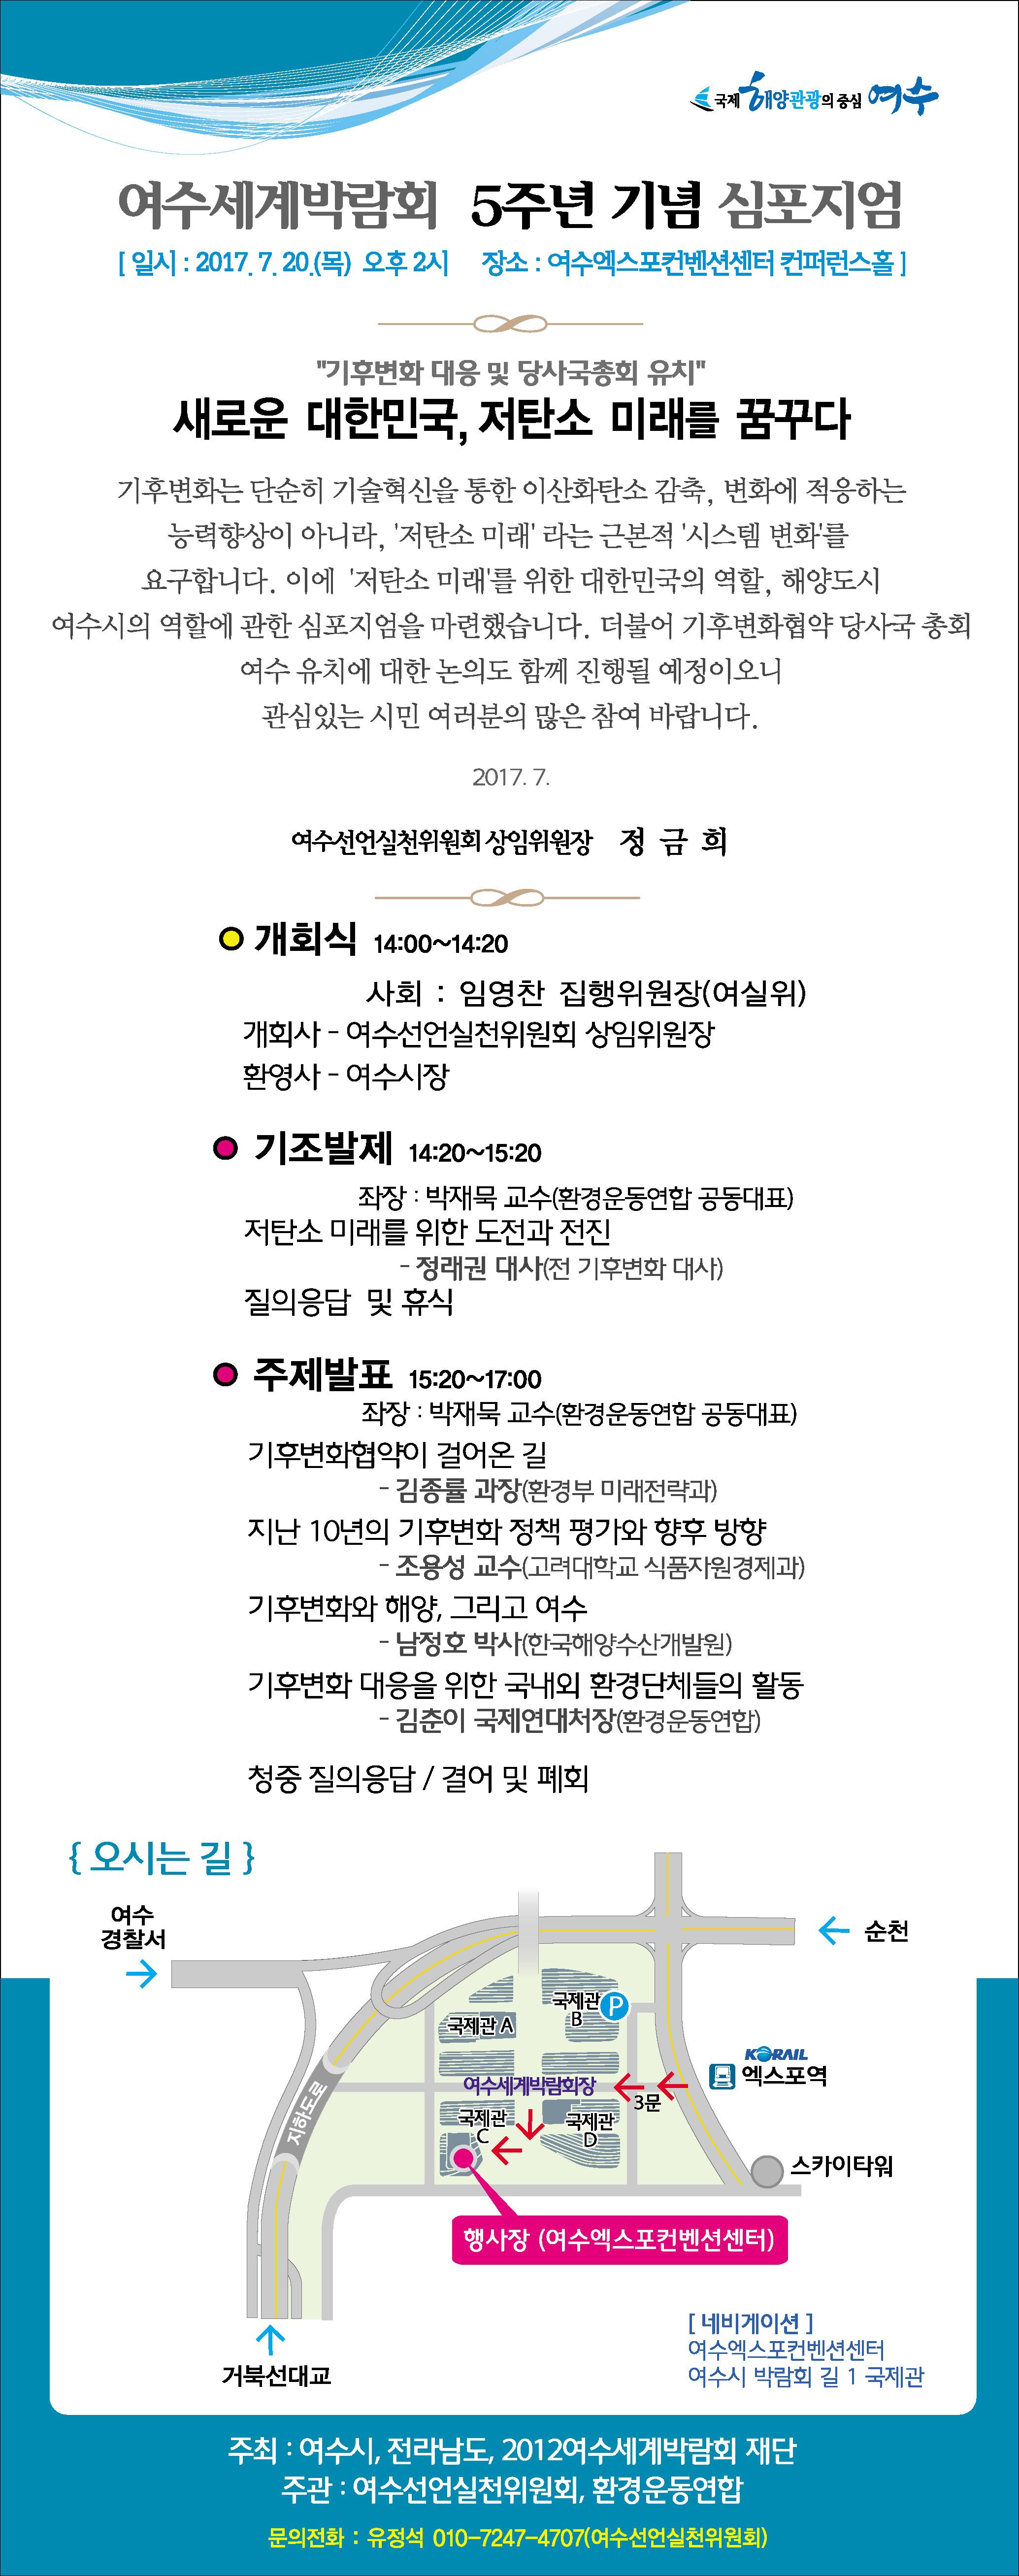 사본 -모바일초대장